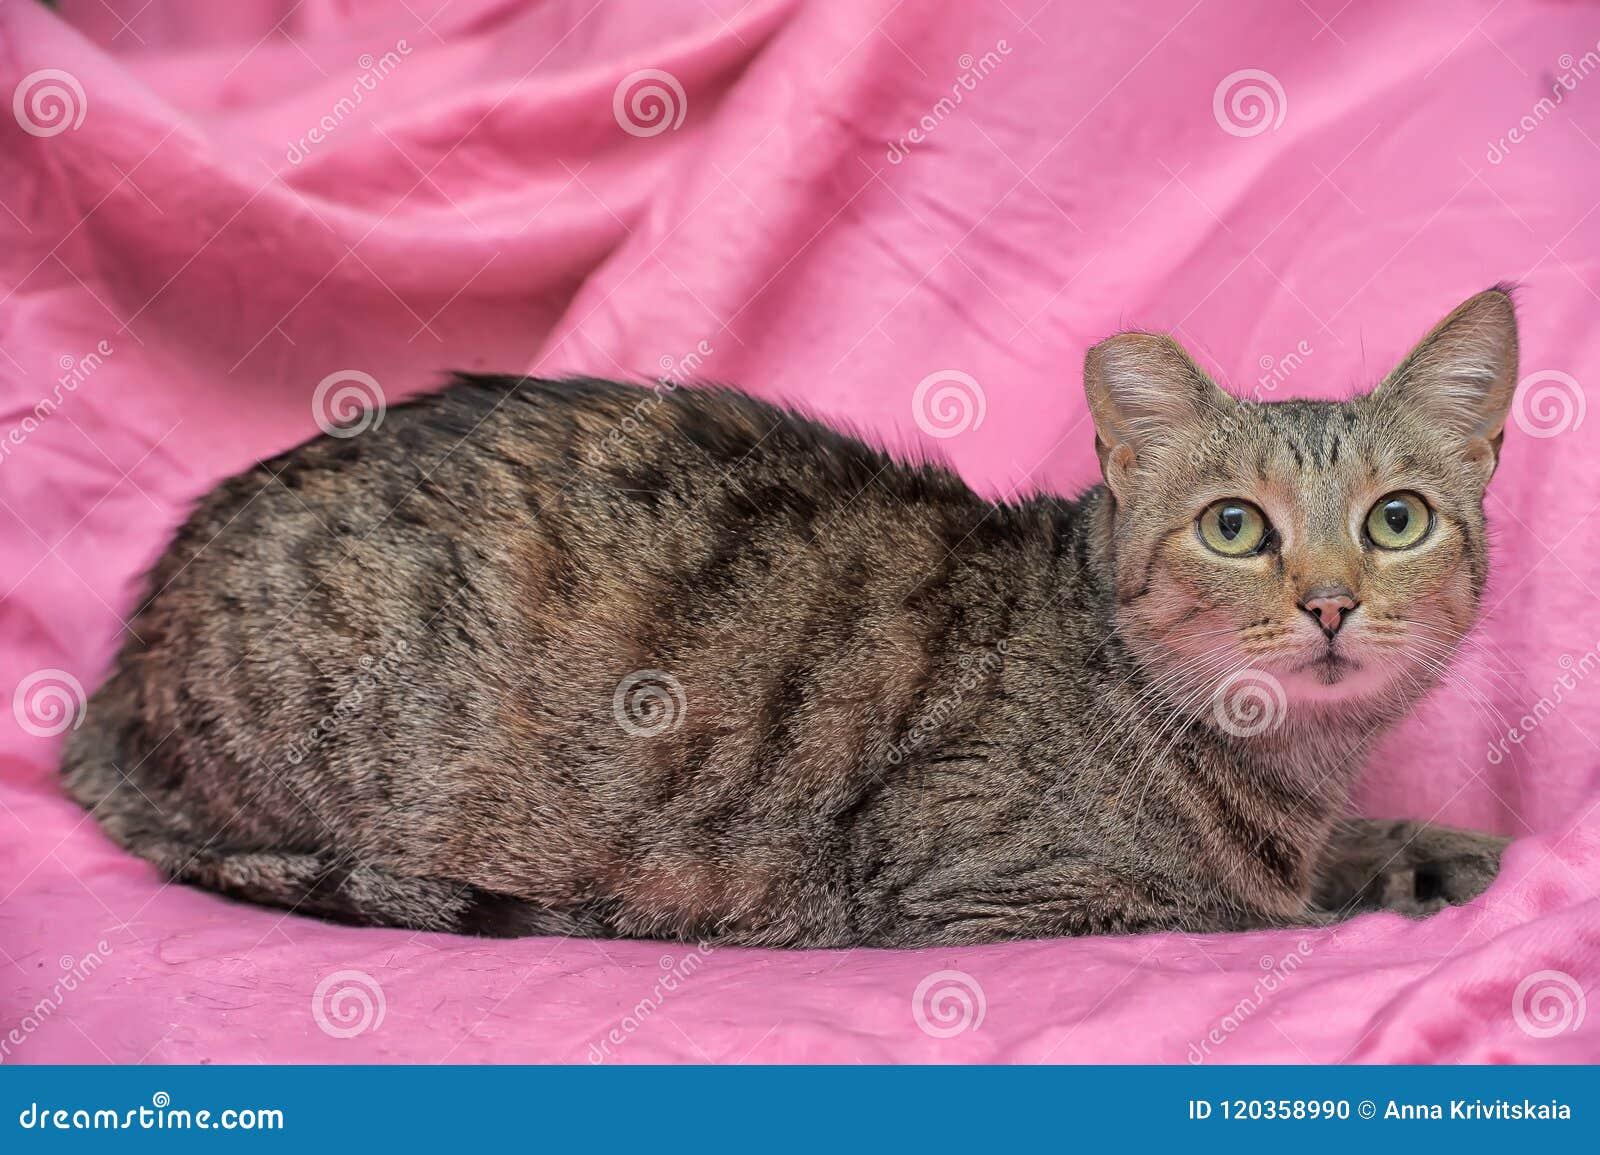 Gato rayado con un oído acortado